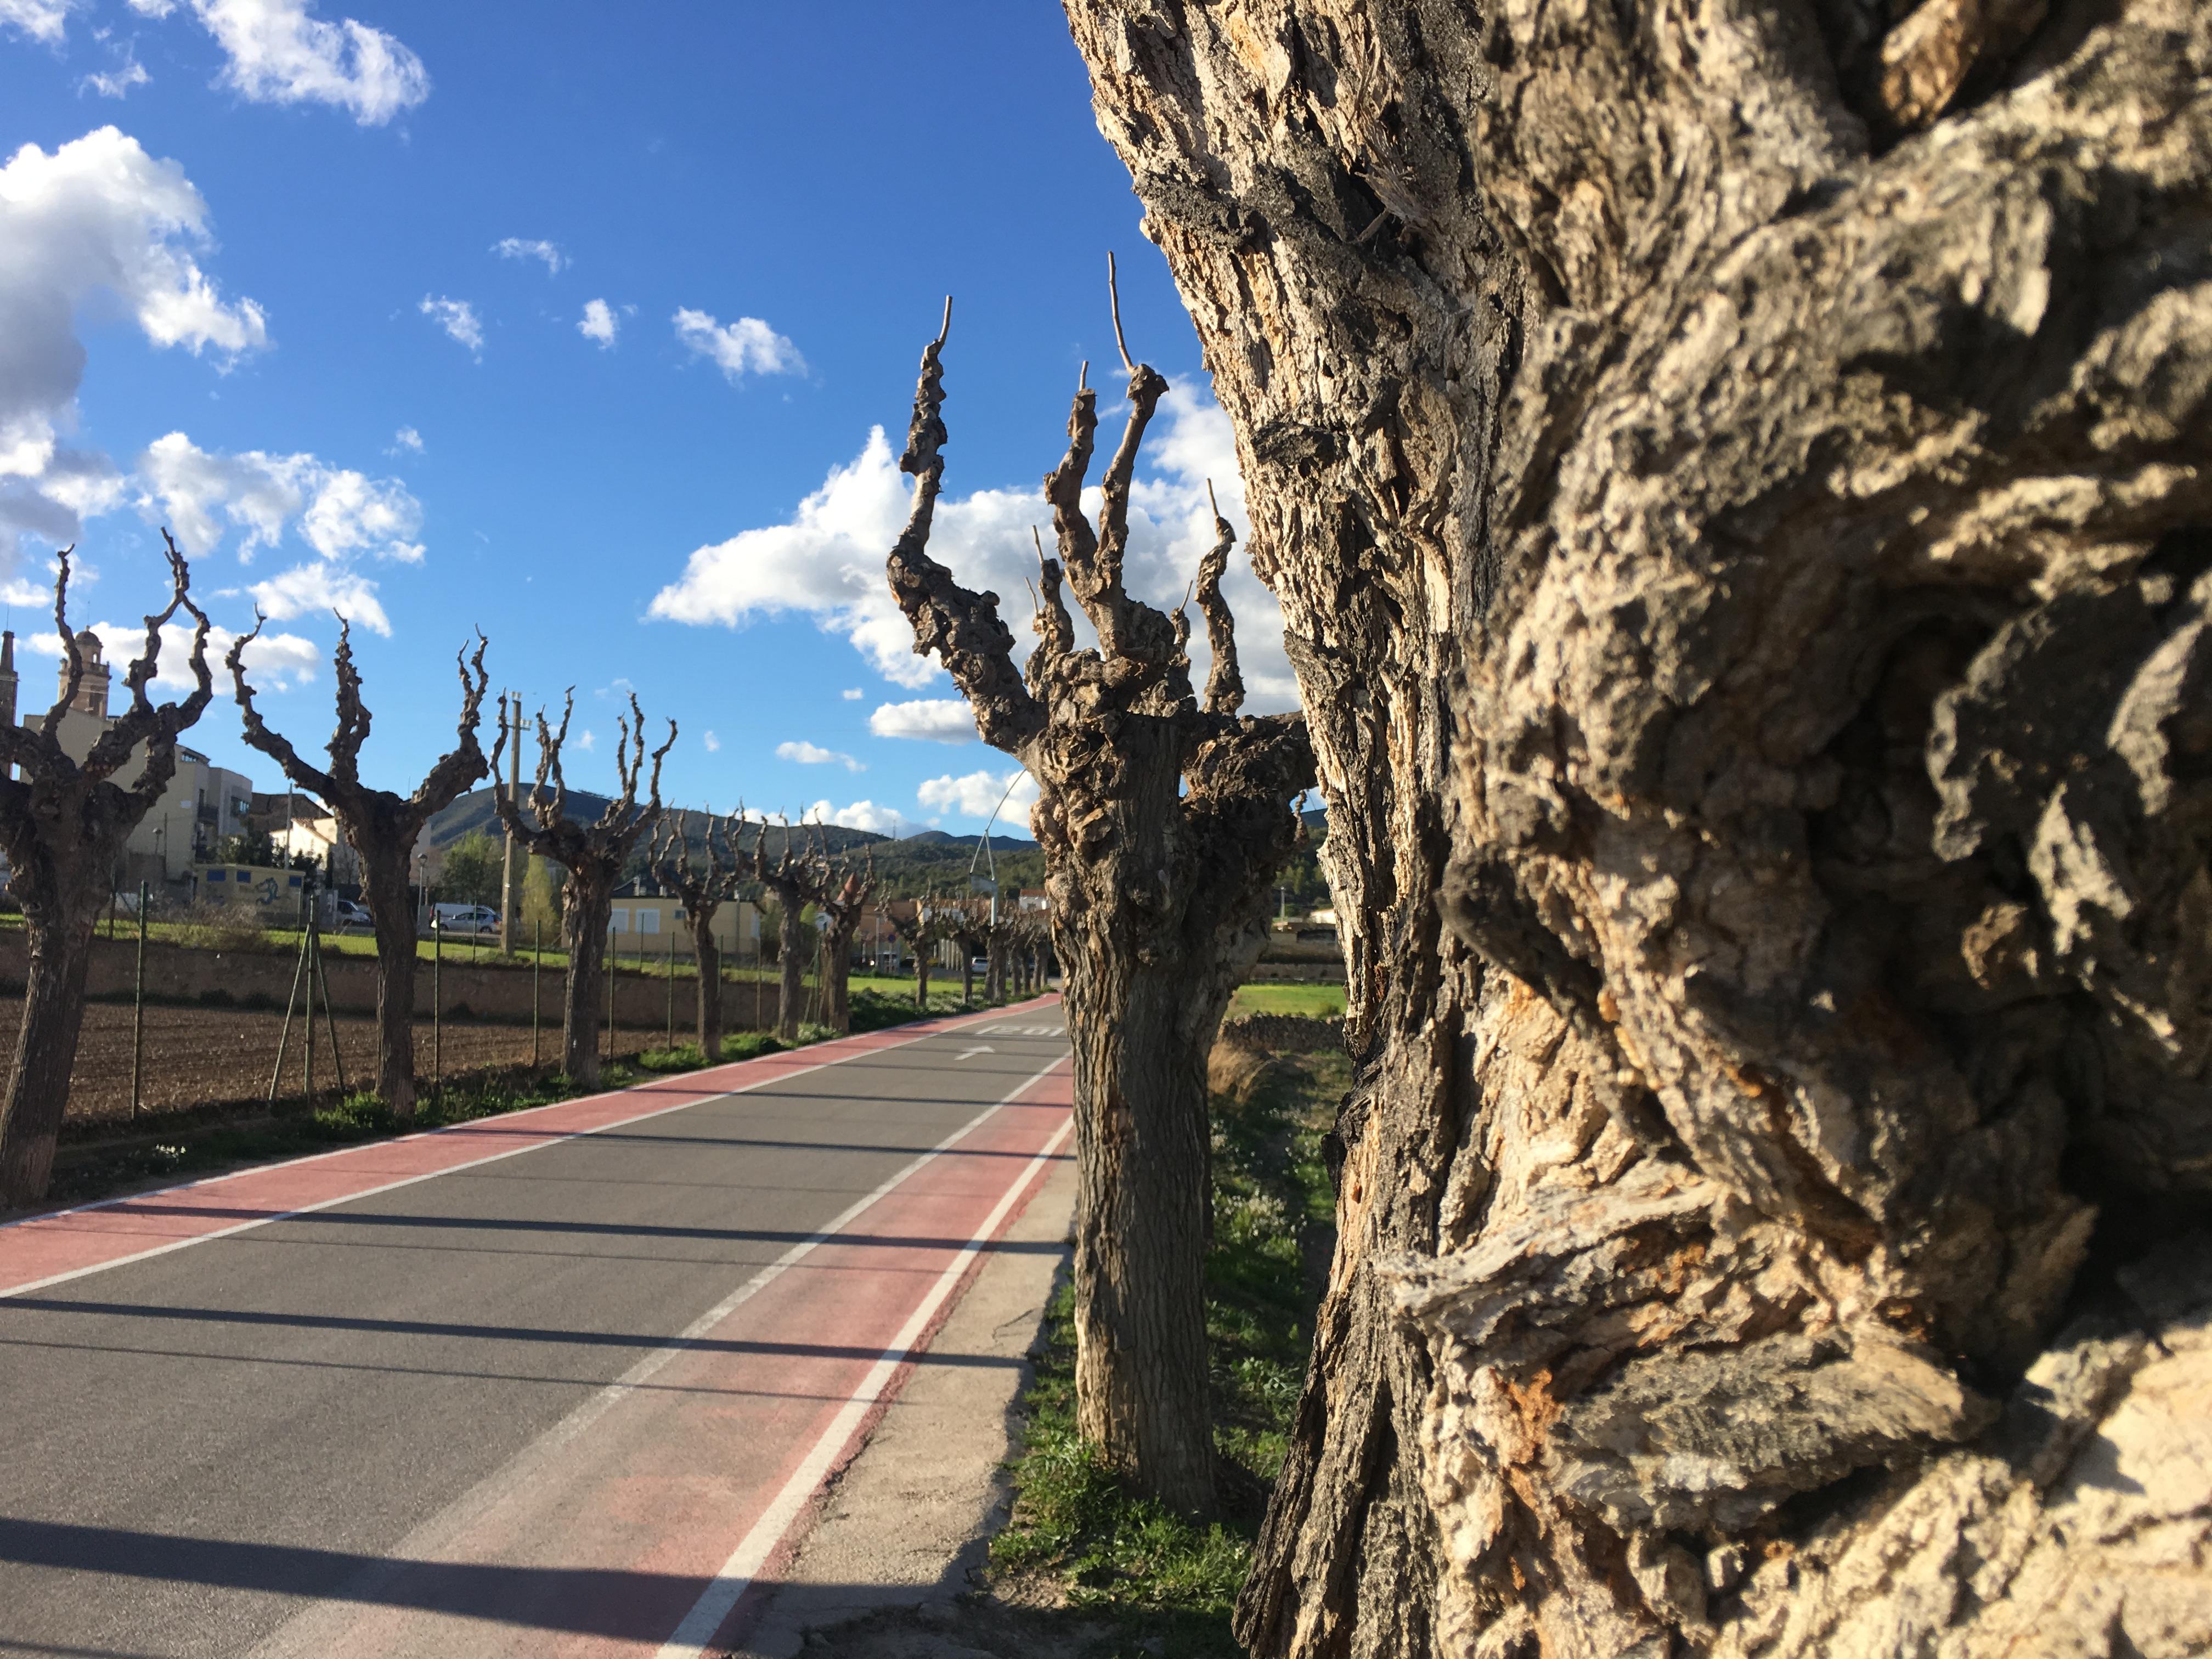 Una infecció per fongs obliga a talar diversos arbres de l'avinguda Baix Penedès